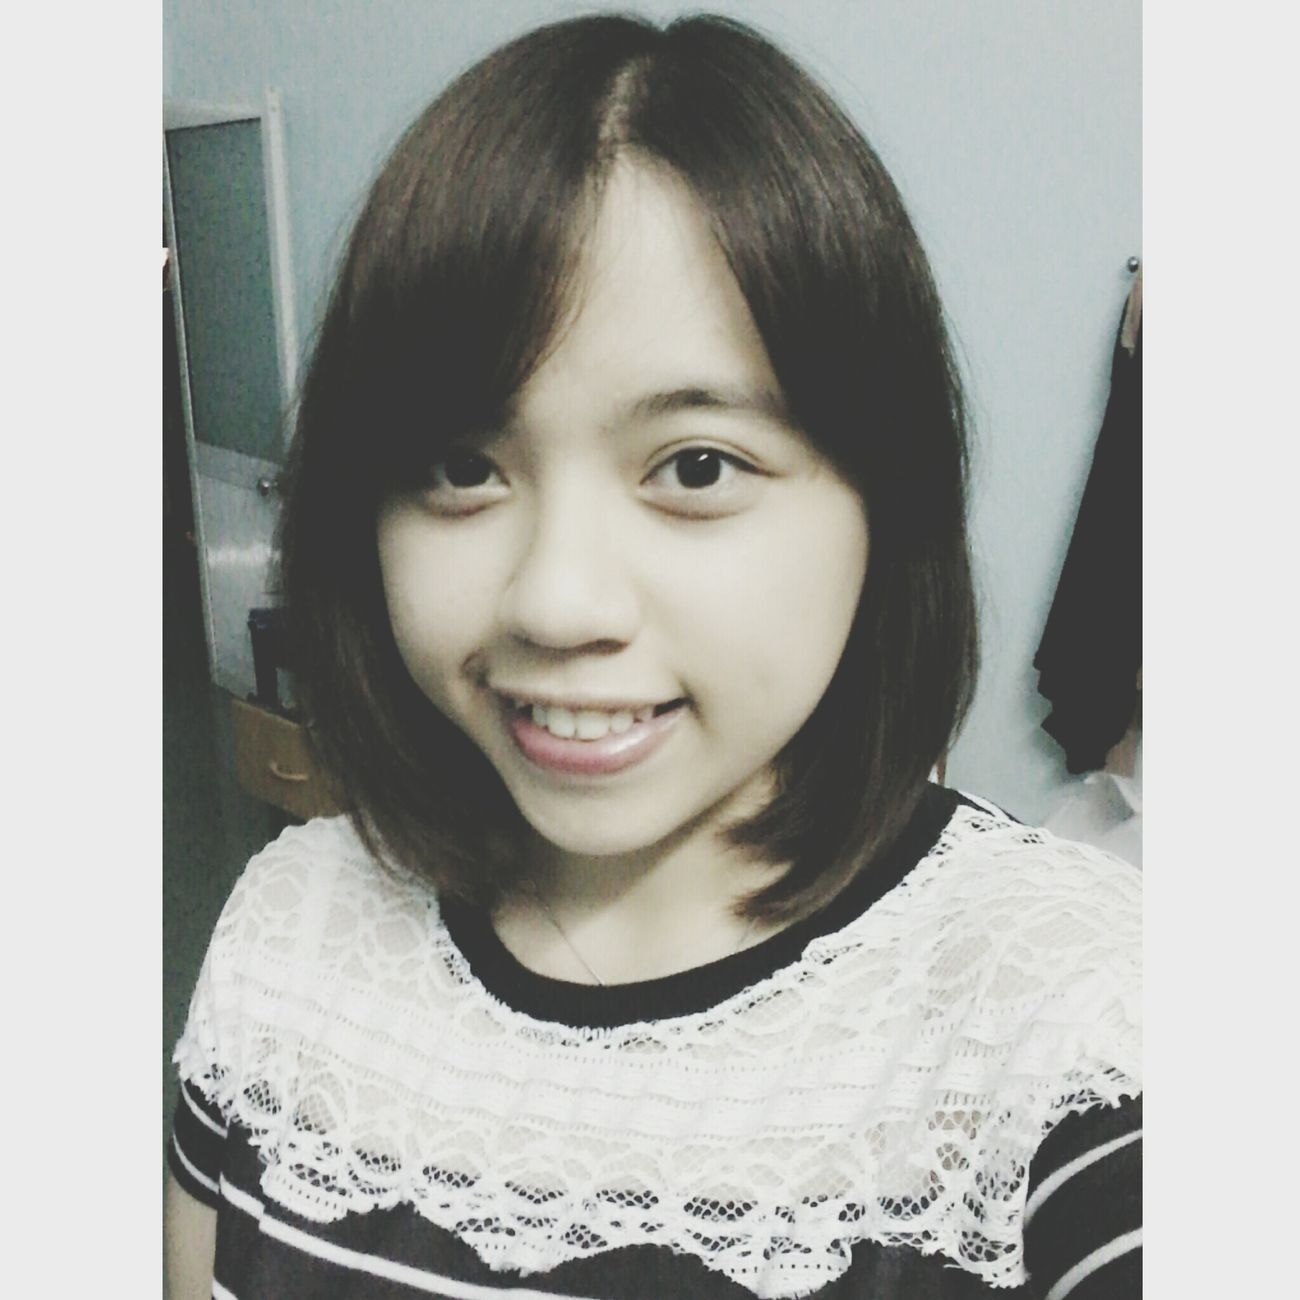 Vietnamesegirl Chubby Face Selfie